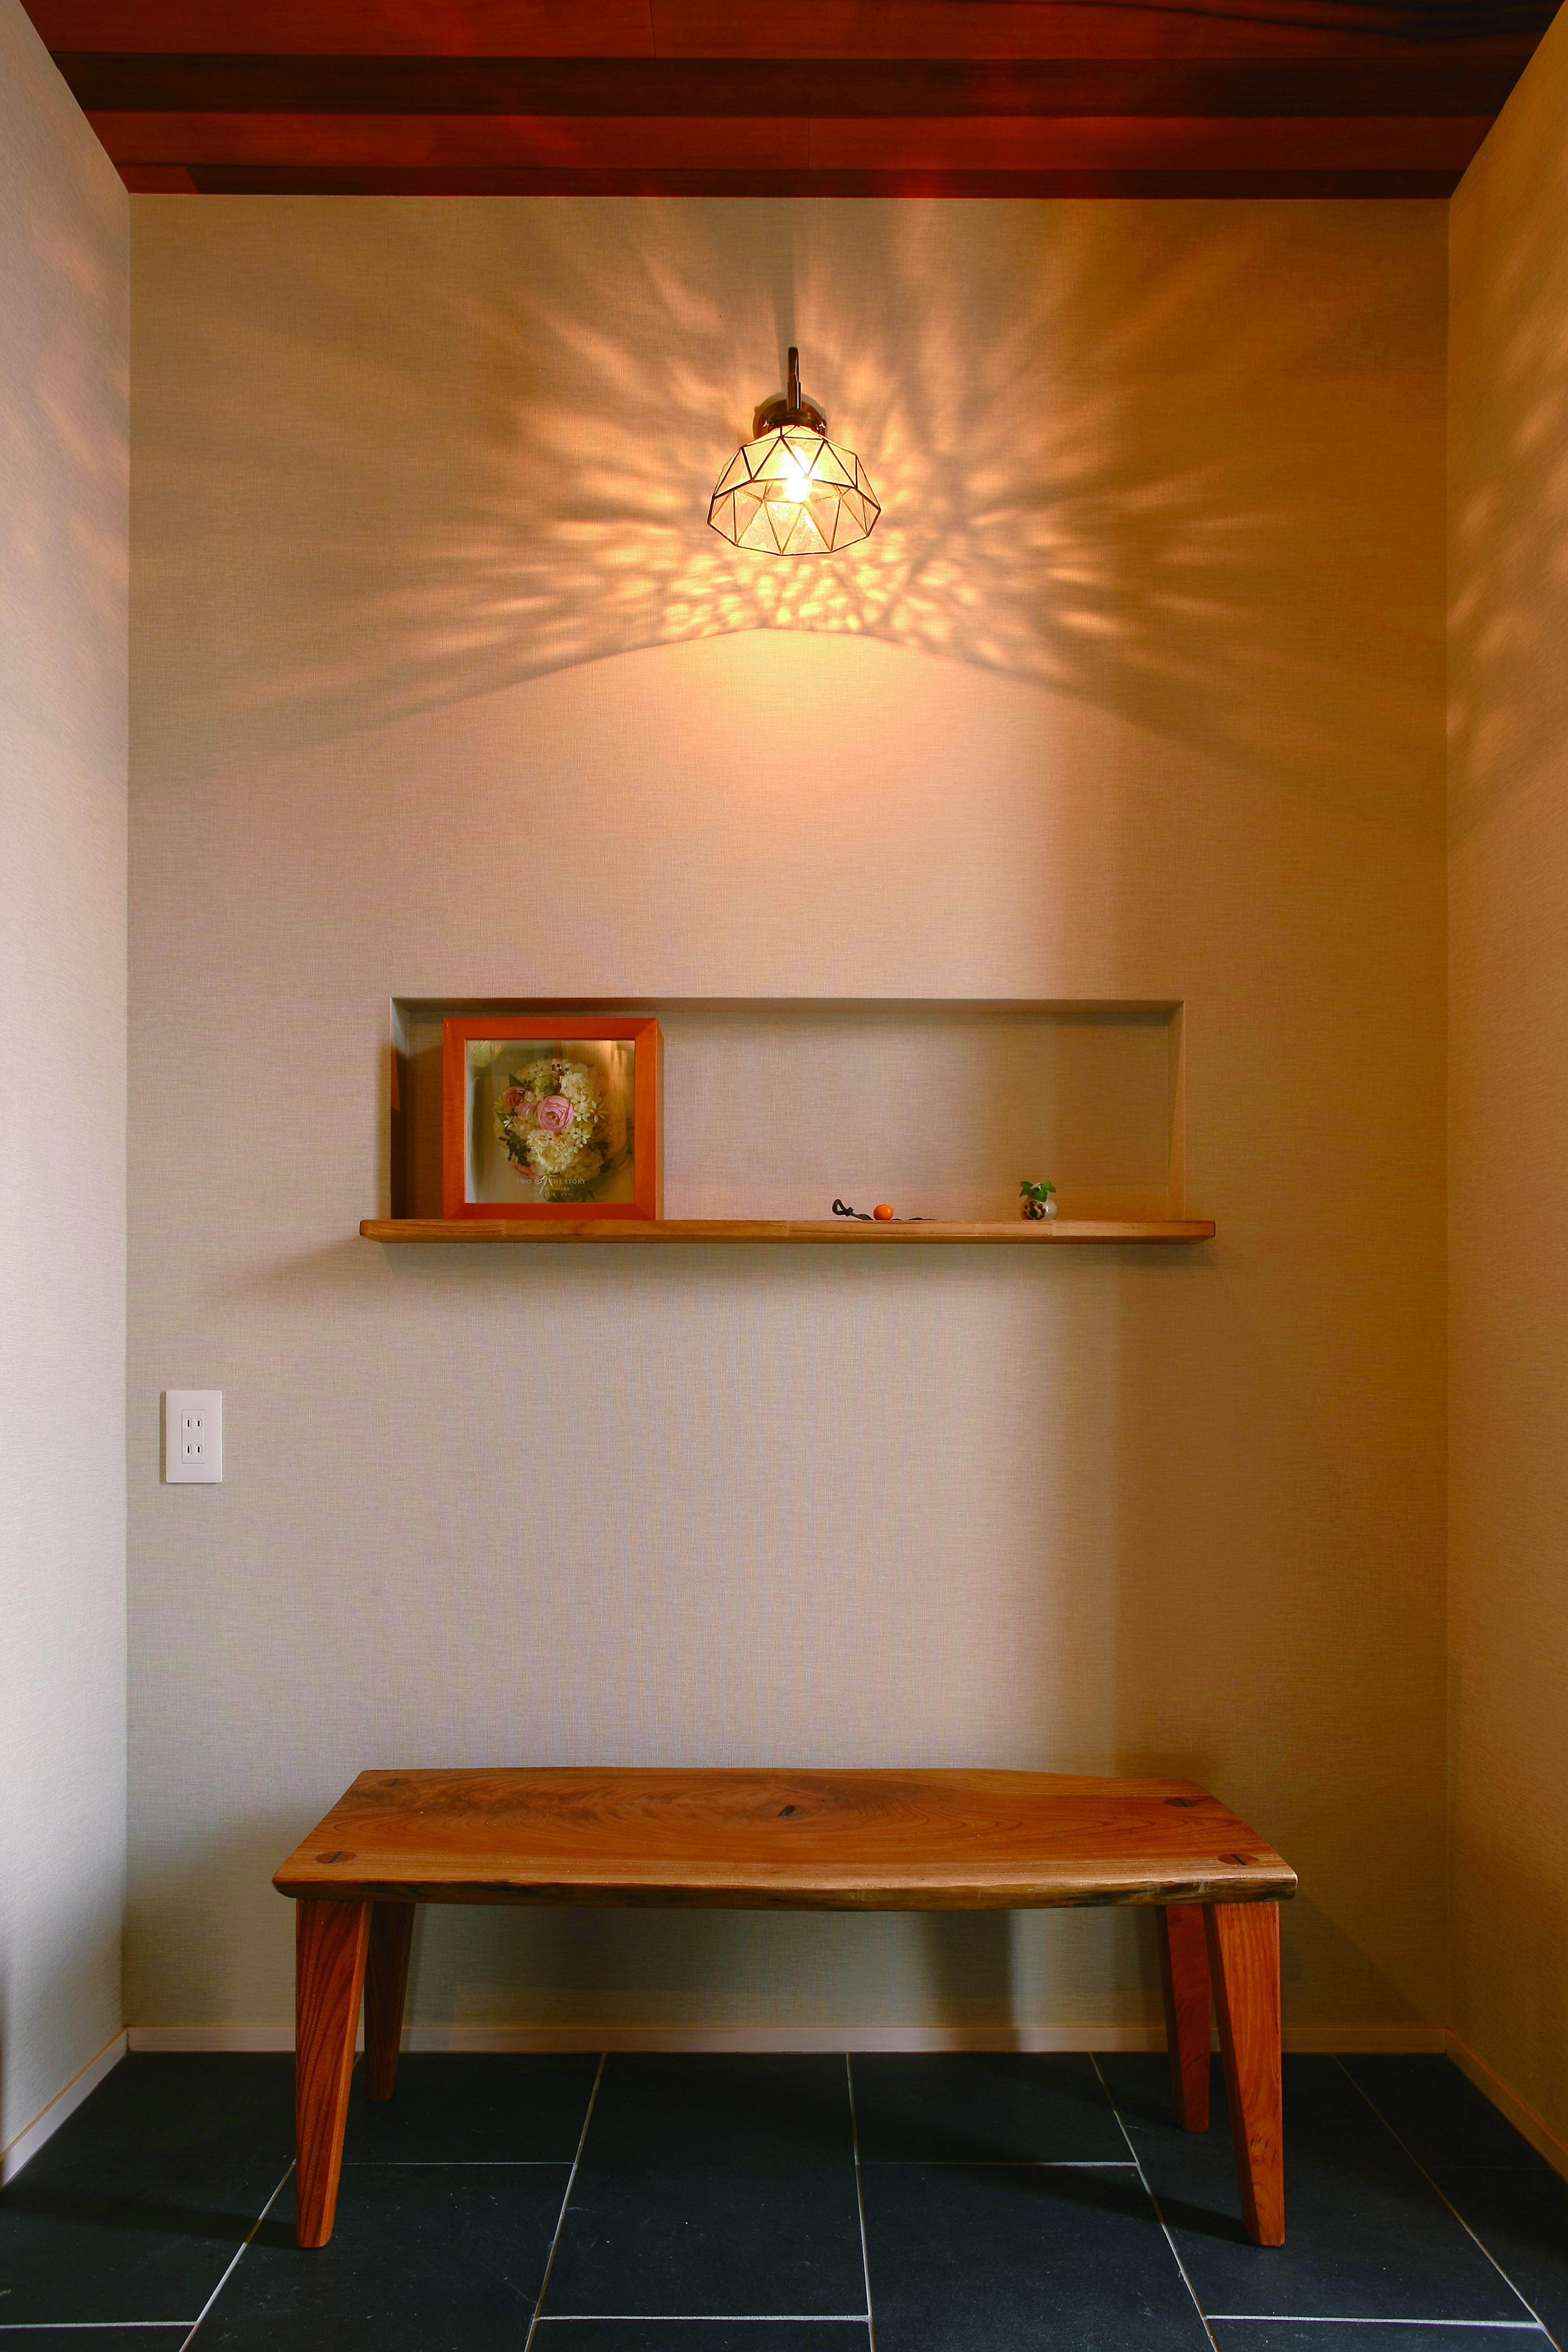 共感住宅 ray-out (レイアウト)【デザイン住宅、子育て、趣味】優しい光が彩る玄関には調和の取れたデザインのベンチを設置